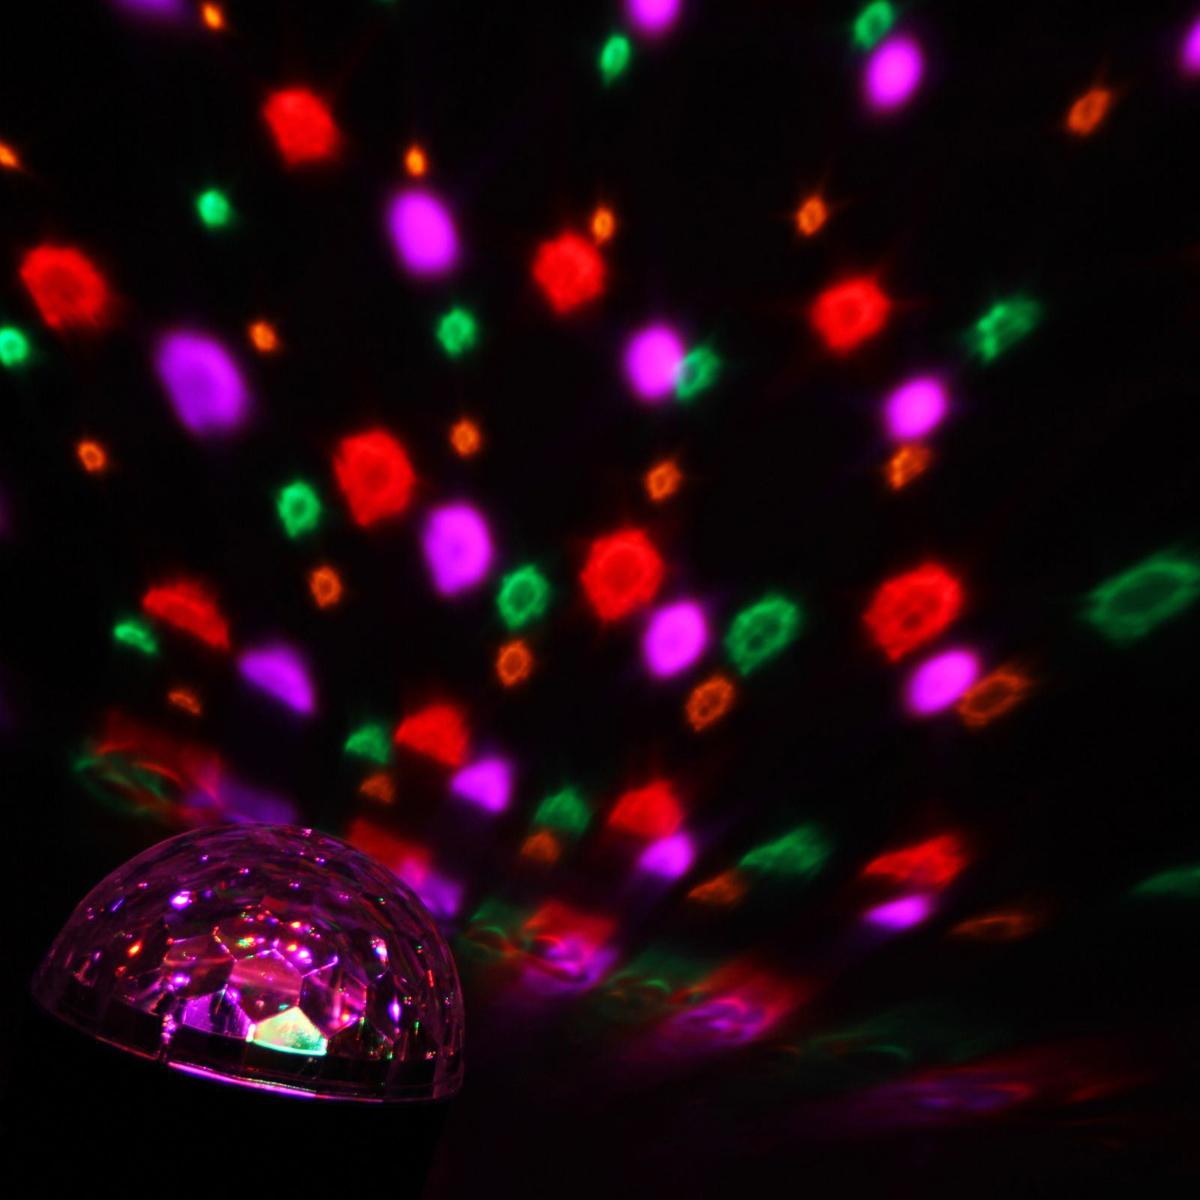 Световой прибор Luazon Хрустальный шар, диаметр 17,5 см с музыкой, V220667998Светодиодные гирлянды, ленты и т.д — это отличный вариант для новогоднего оформления интерьера или фасада. С их помощью помещение любого размера можно превратить в праздничный зал, а внешние элементы зданий, украшенные ими, мгновенно станут напоминать очертания сказочного дворца. Такие украшения создают ауру предвкушения чуда. Деревья, фасады, витрины, окна и арки будто специально созданы, чтобы вы украсили их светящимися нитями.